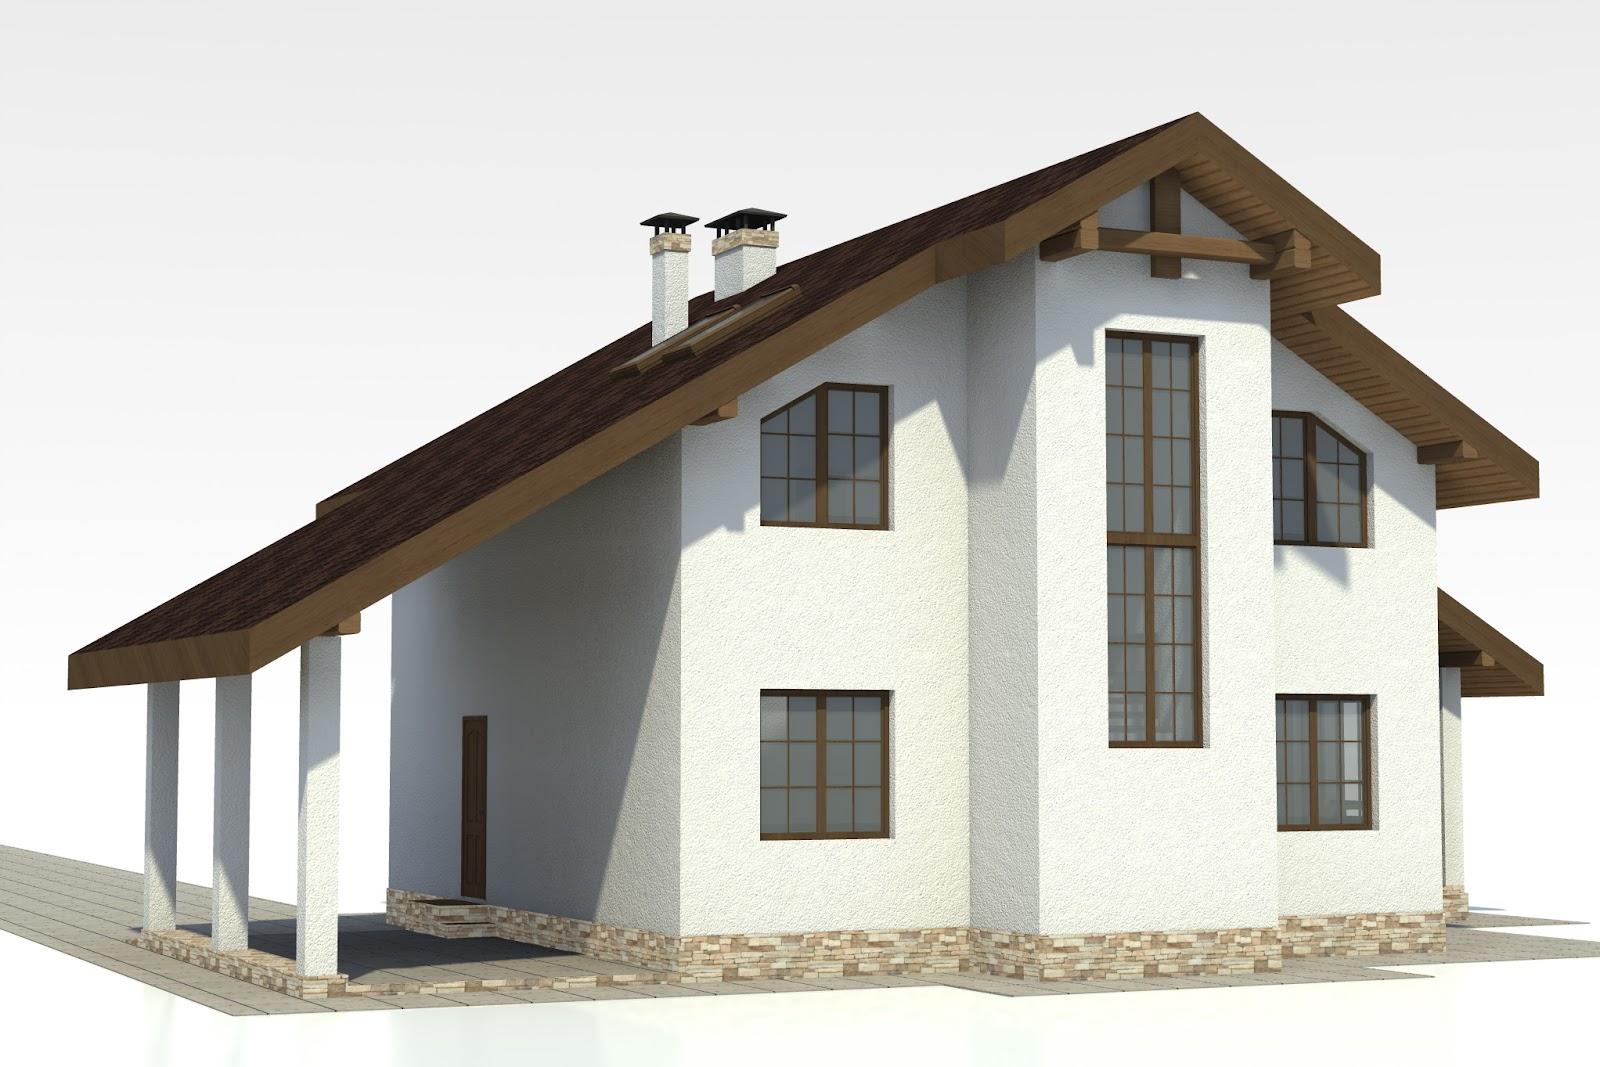 проект домов из арболита бесплатно